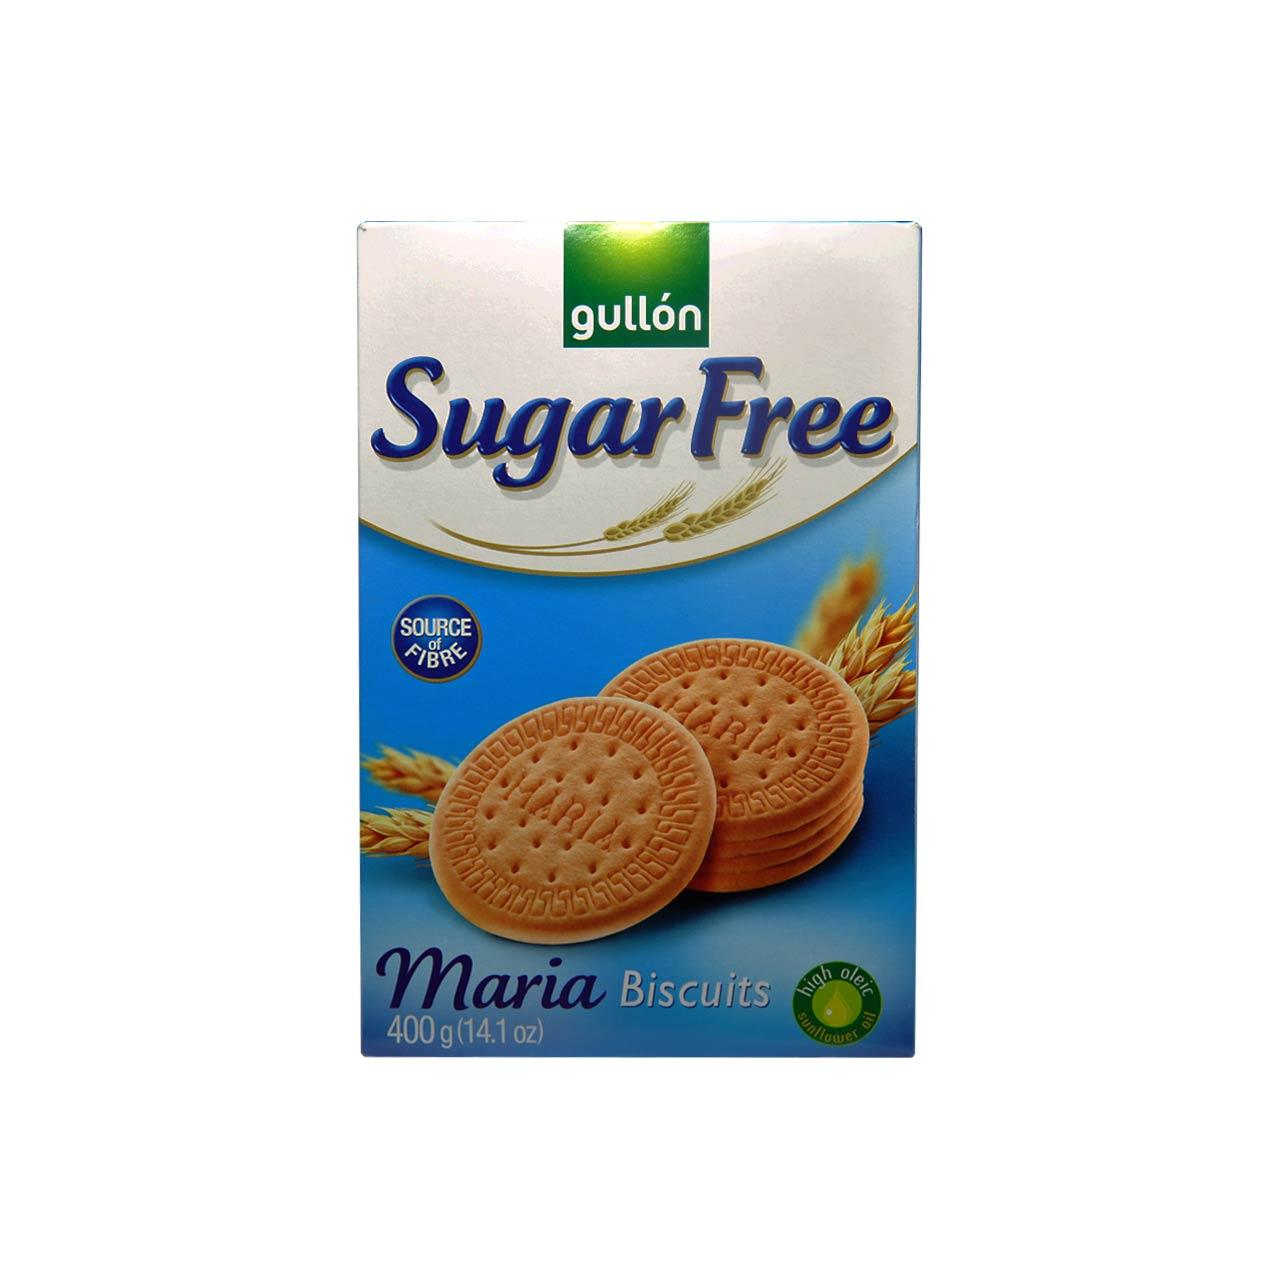 بیسکوییت ماریا بدون شکر گولون – gullon